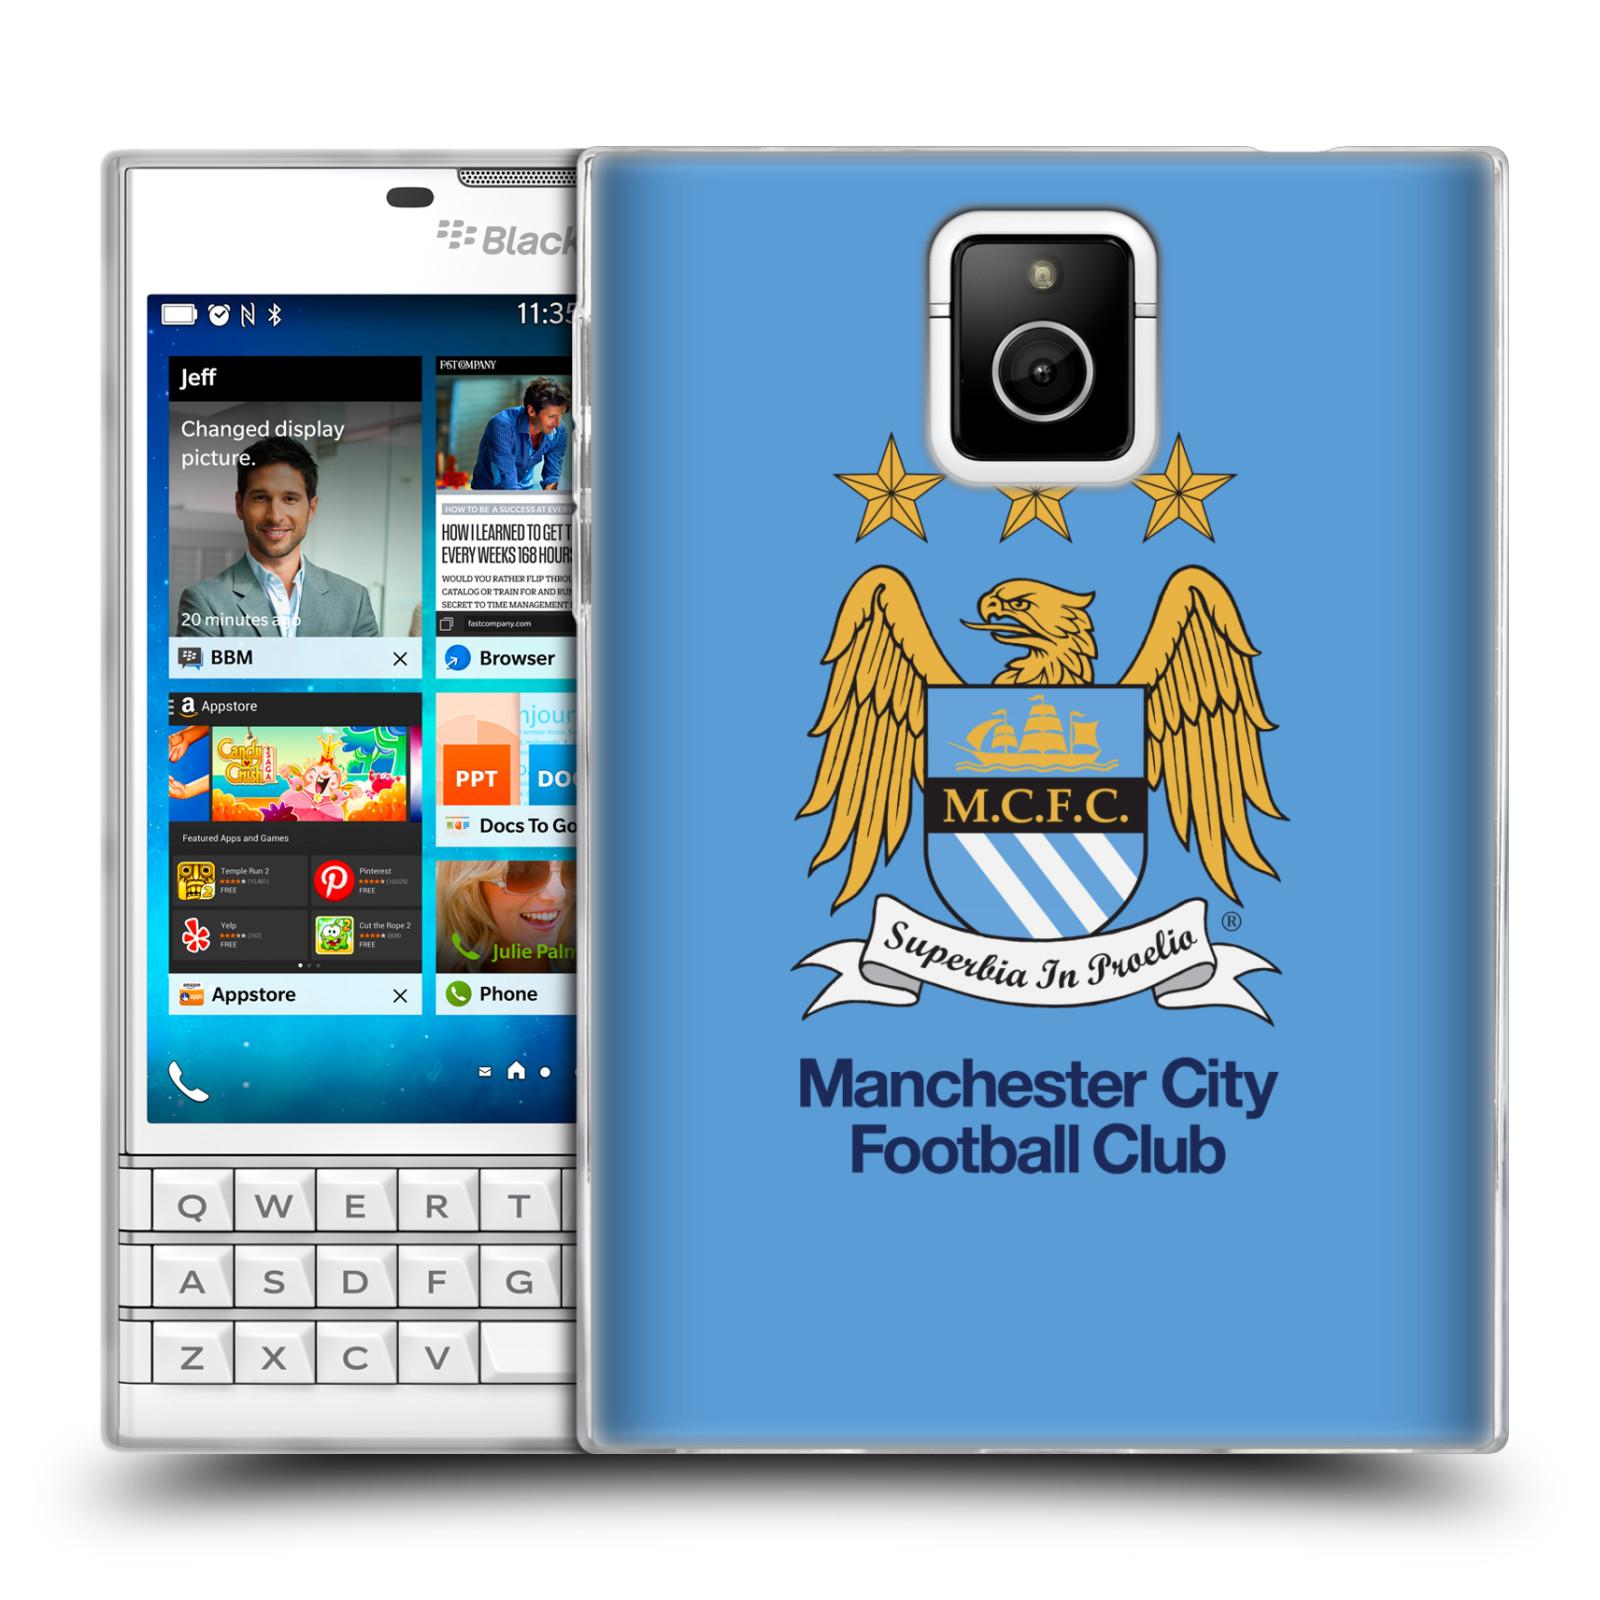 HEAD CASE silikonový obal na mobil Blackberry PASSPORT Fotbalový klub Manchester City nebesky modrá pozadí velký znak pták